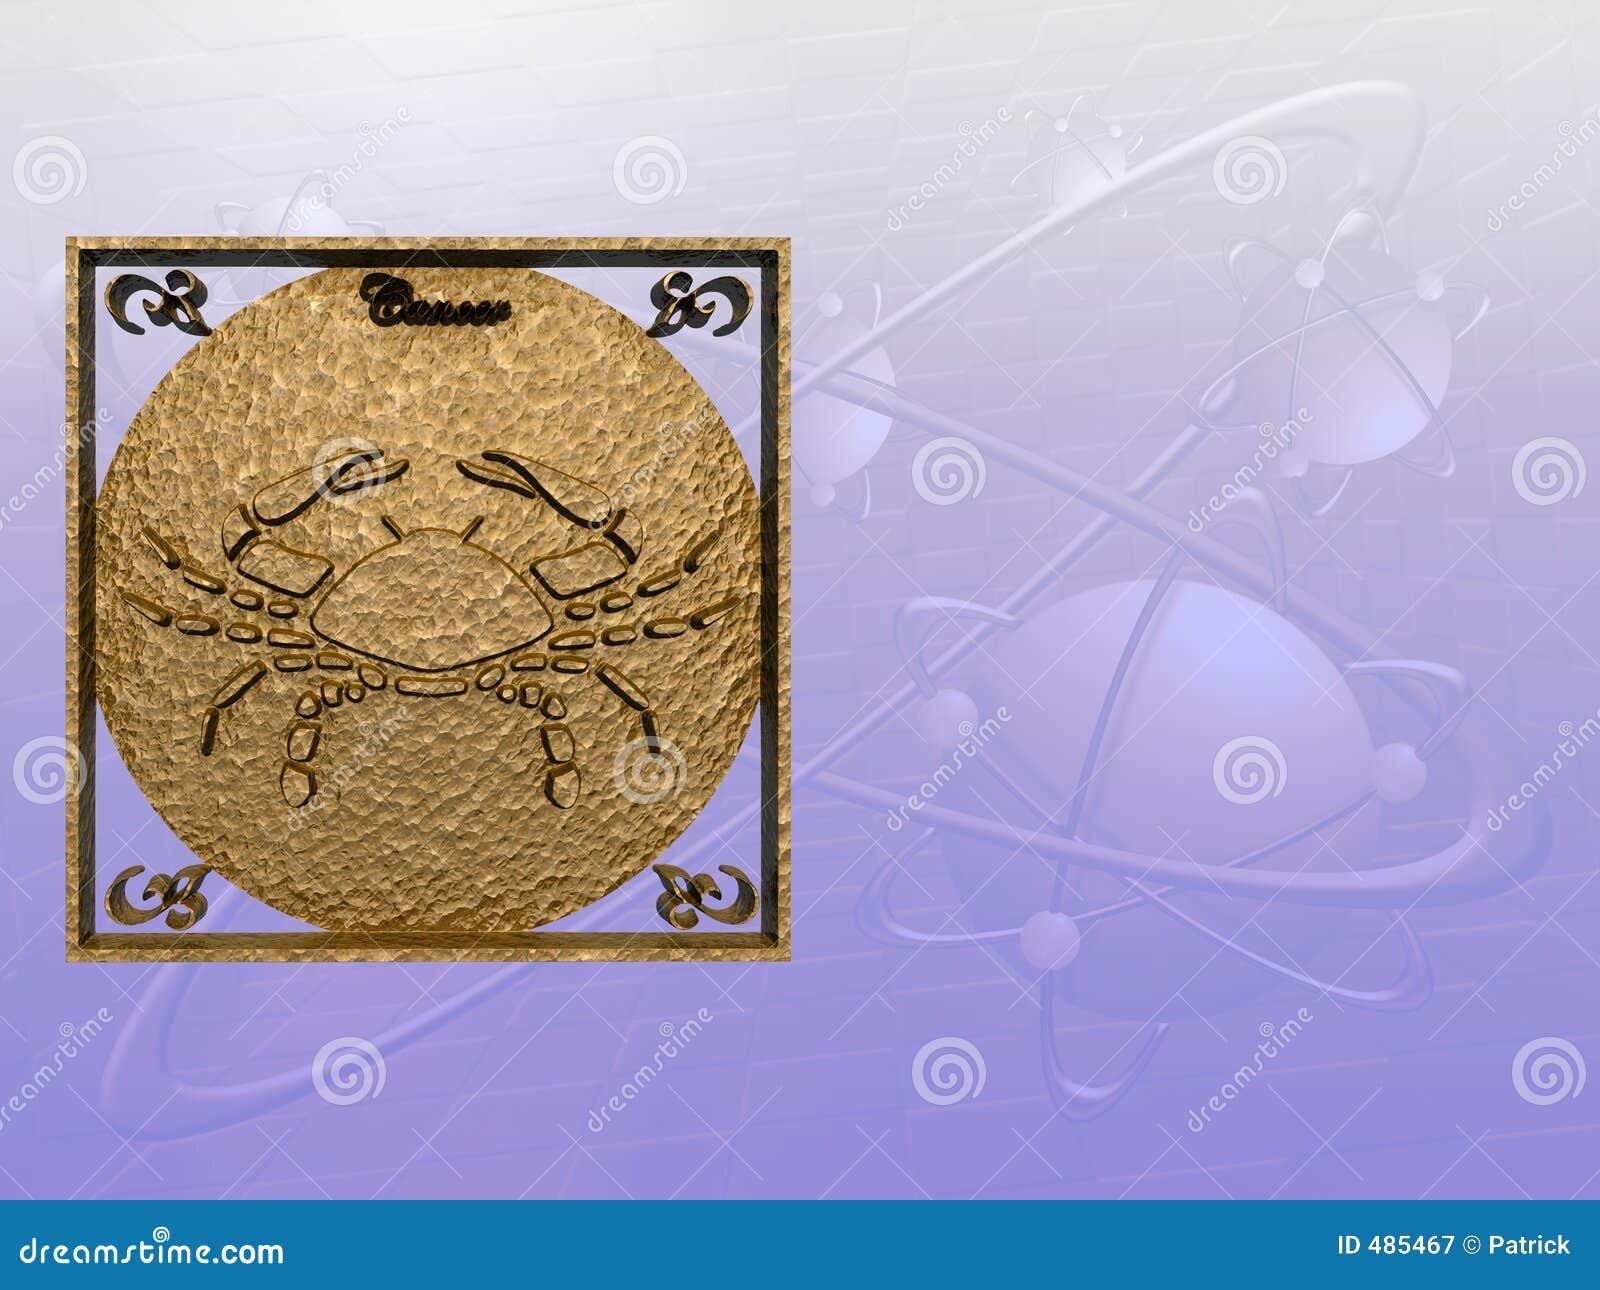 Horoscope рака